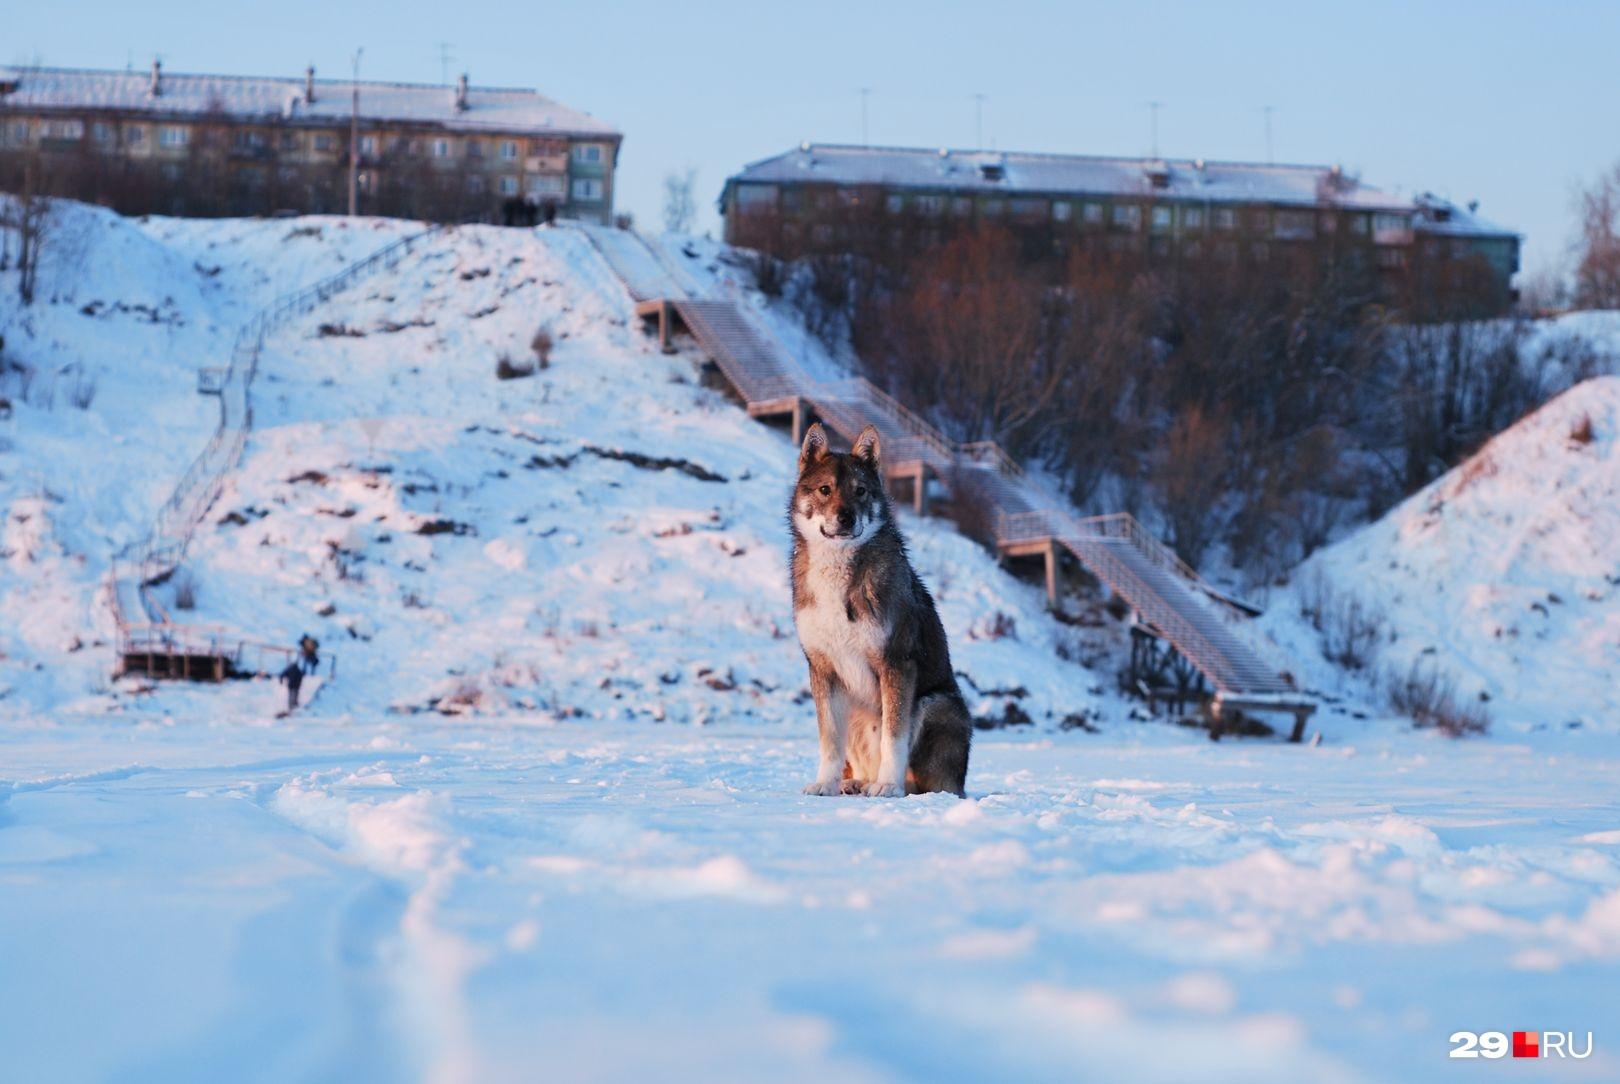 Редко собаки могут дать отпор волку. Обычно же псы цепенеют от страха при виде хищника